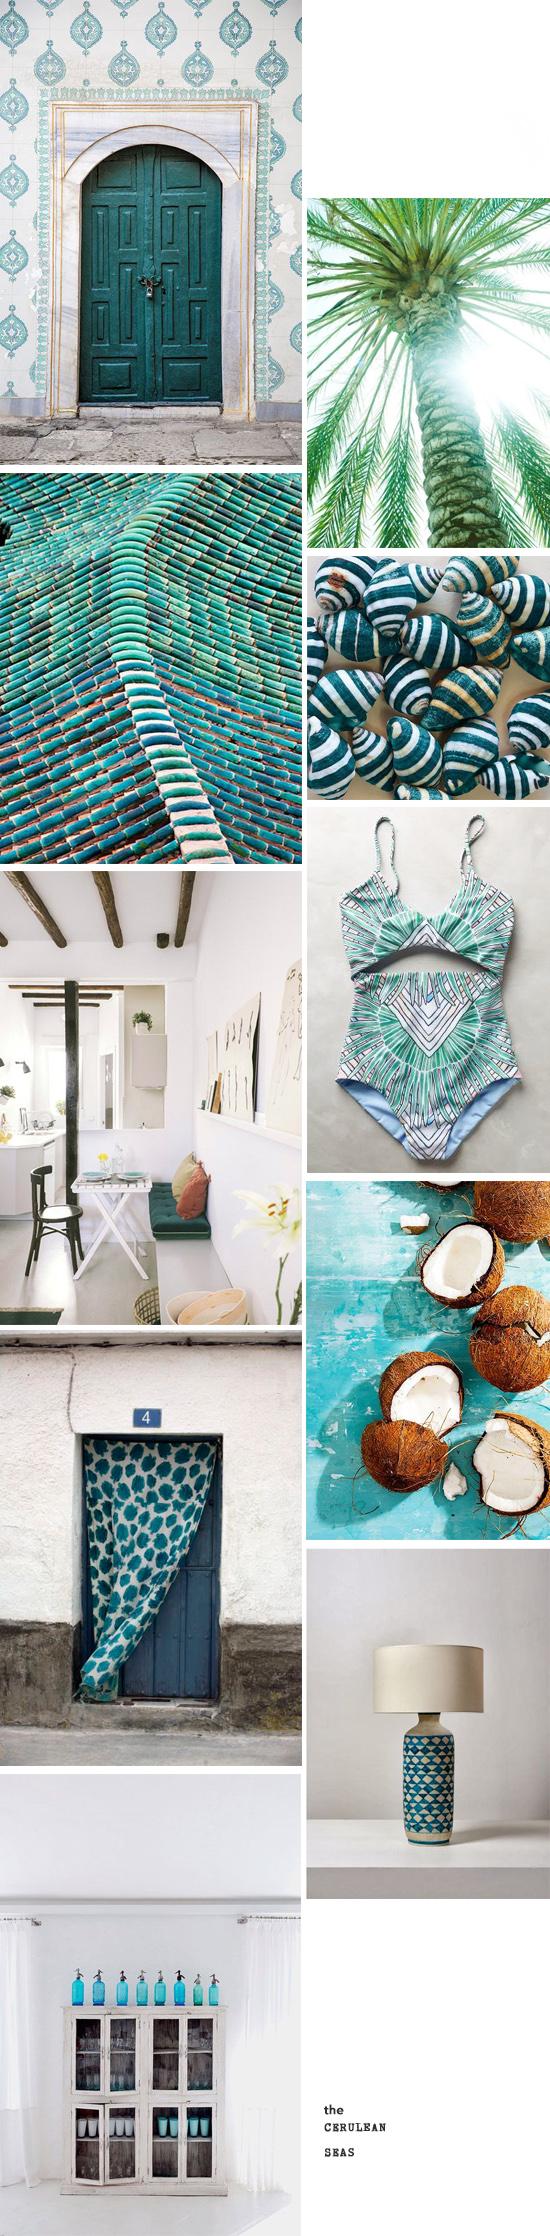 Thegardenershouse-turquoiseandteal-beachhouse00